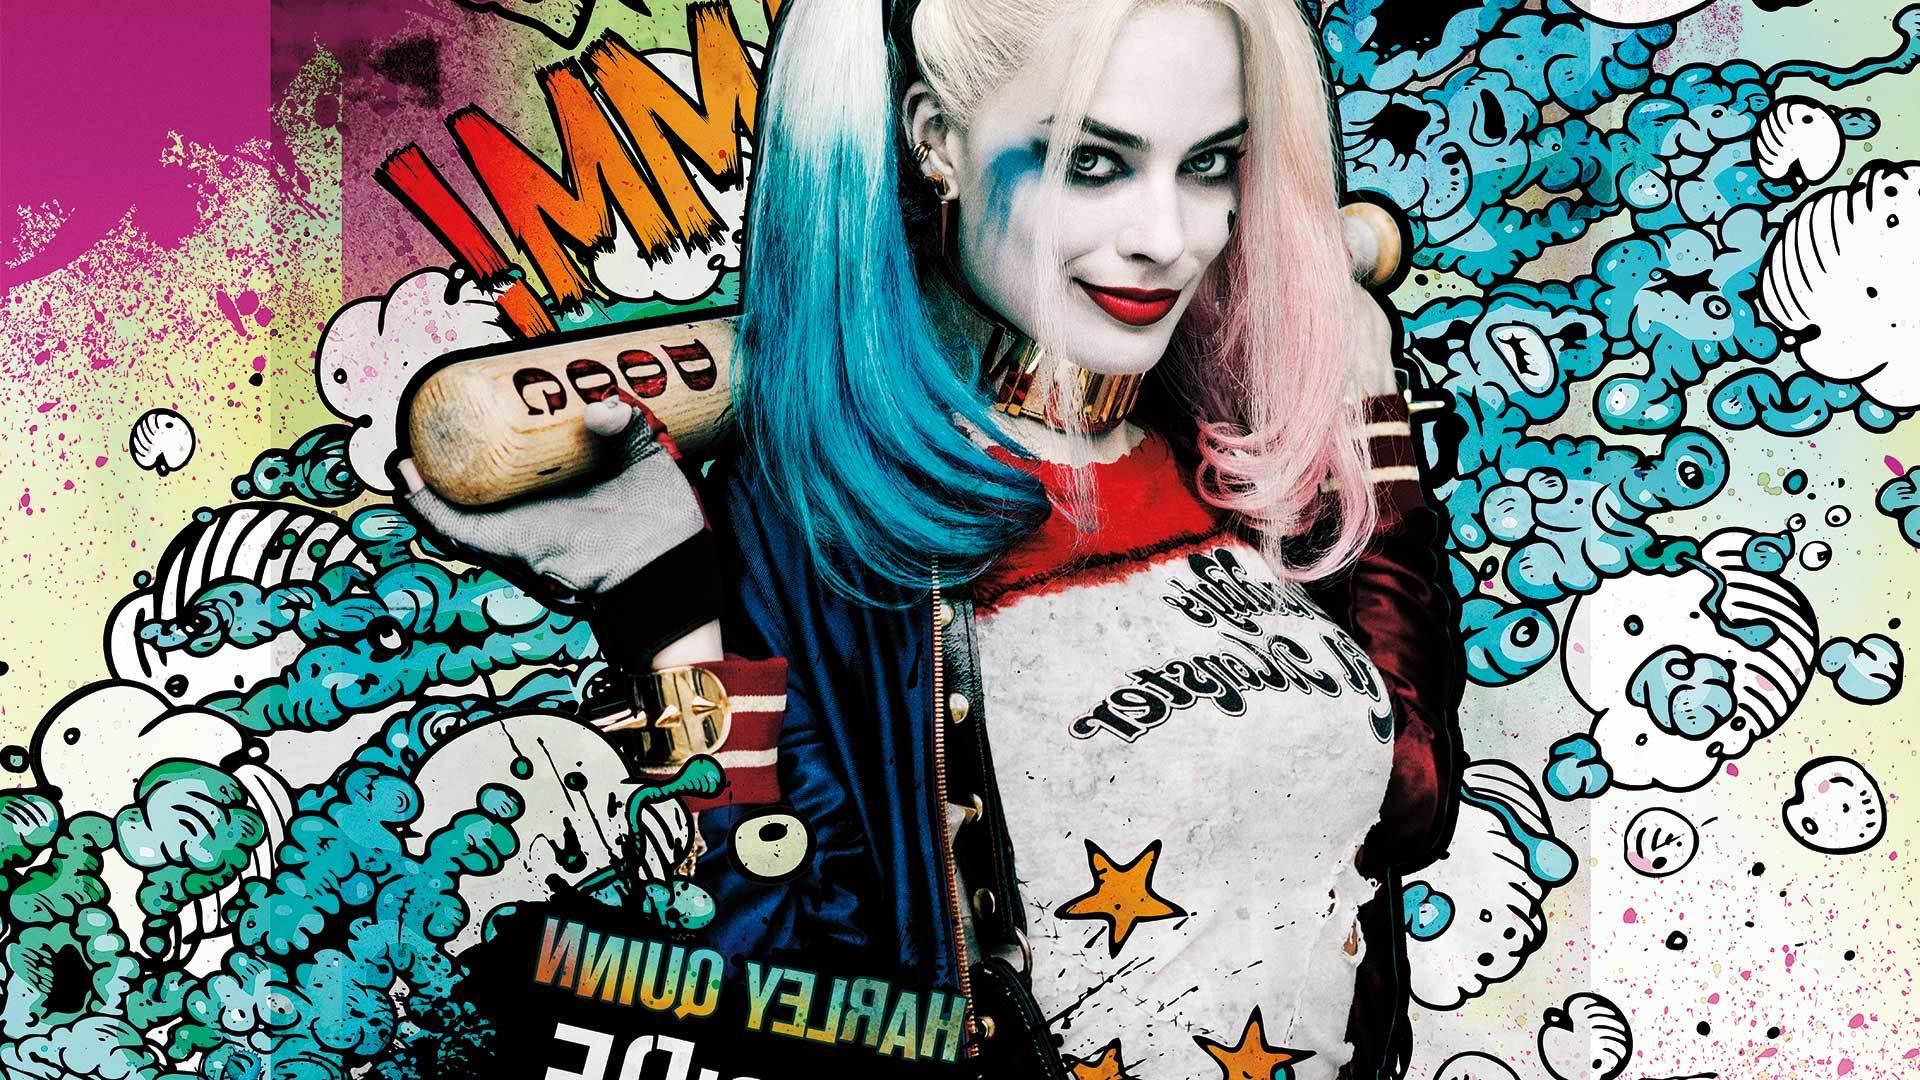 Harley Quinn Kostüm selber machen für Karneval oder Motto-Party